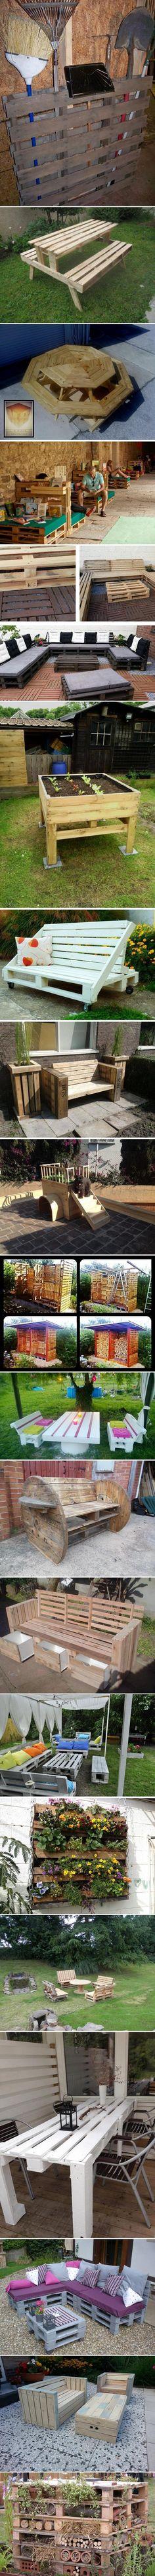 Quand les Palettes Customisent les Jardins (22 photos)